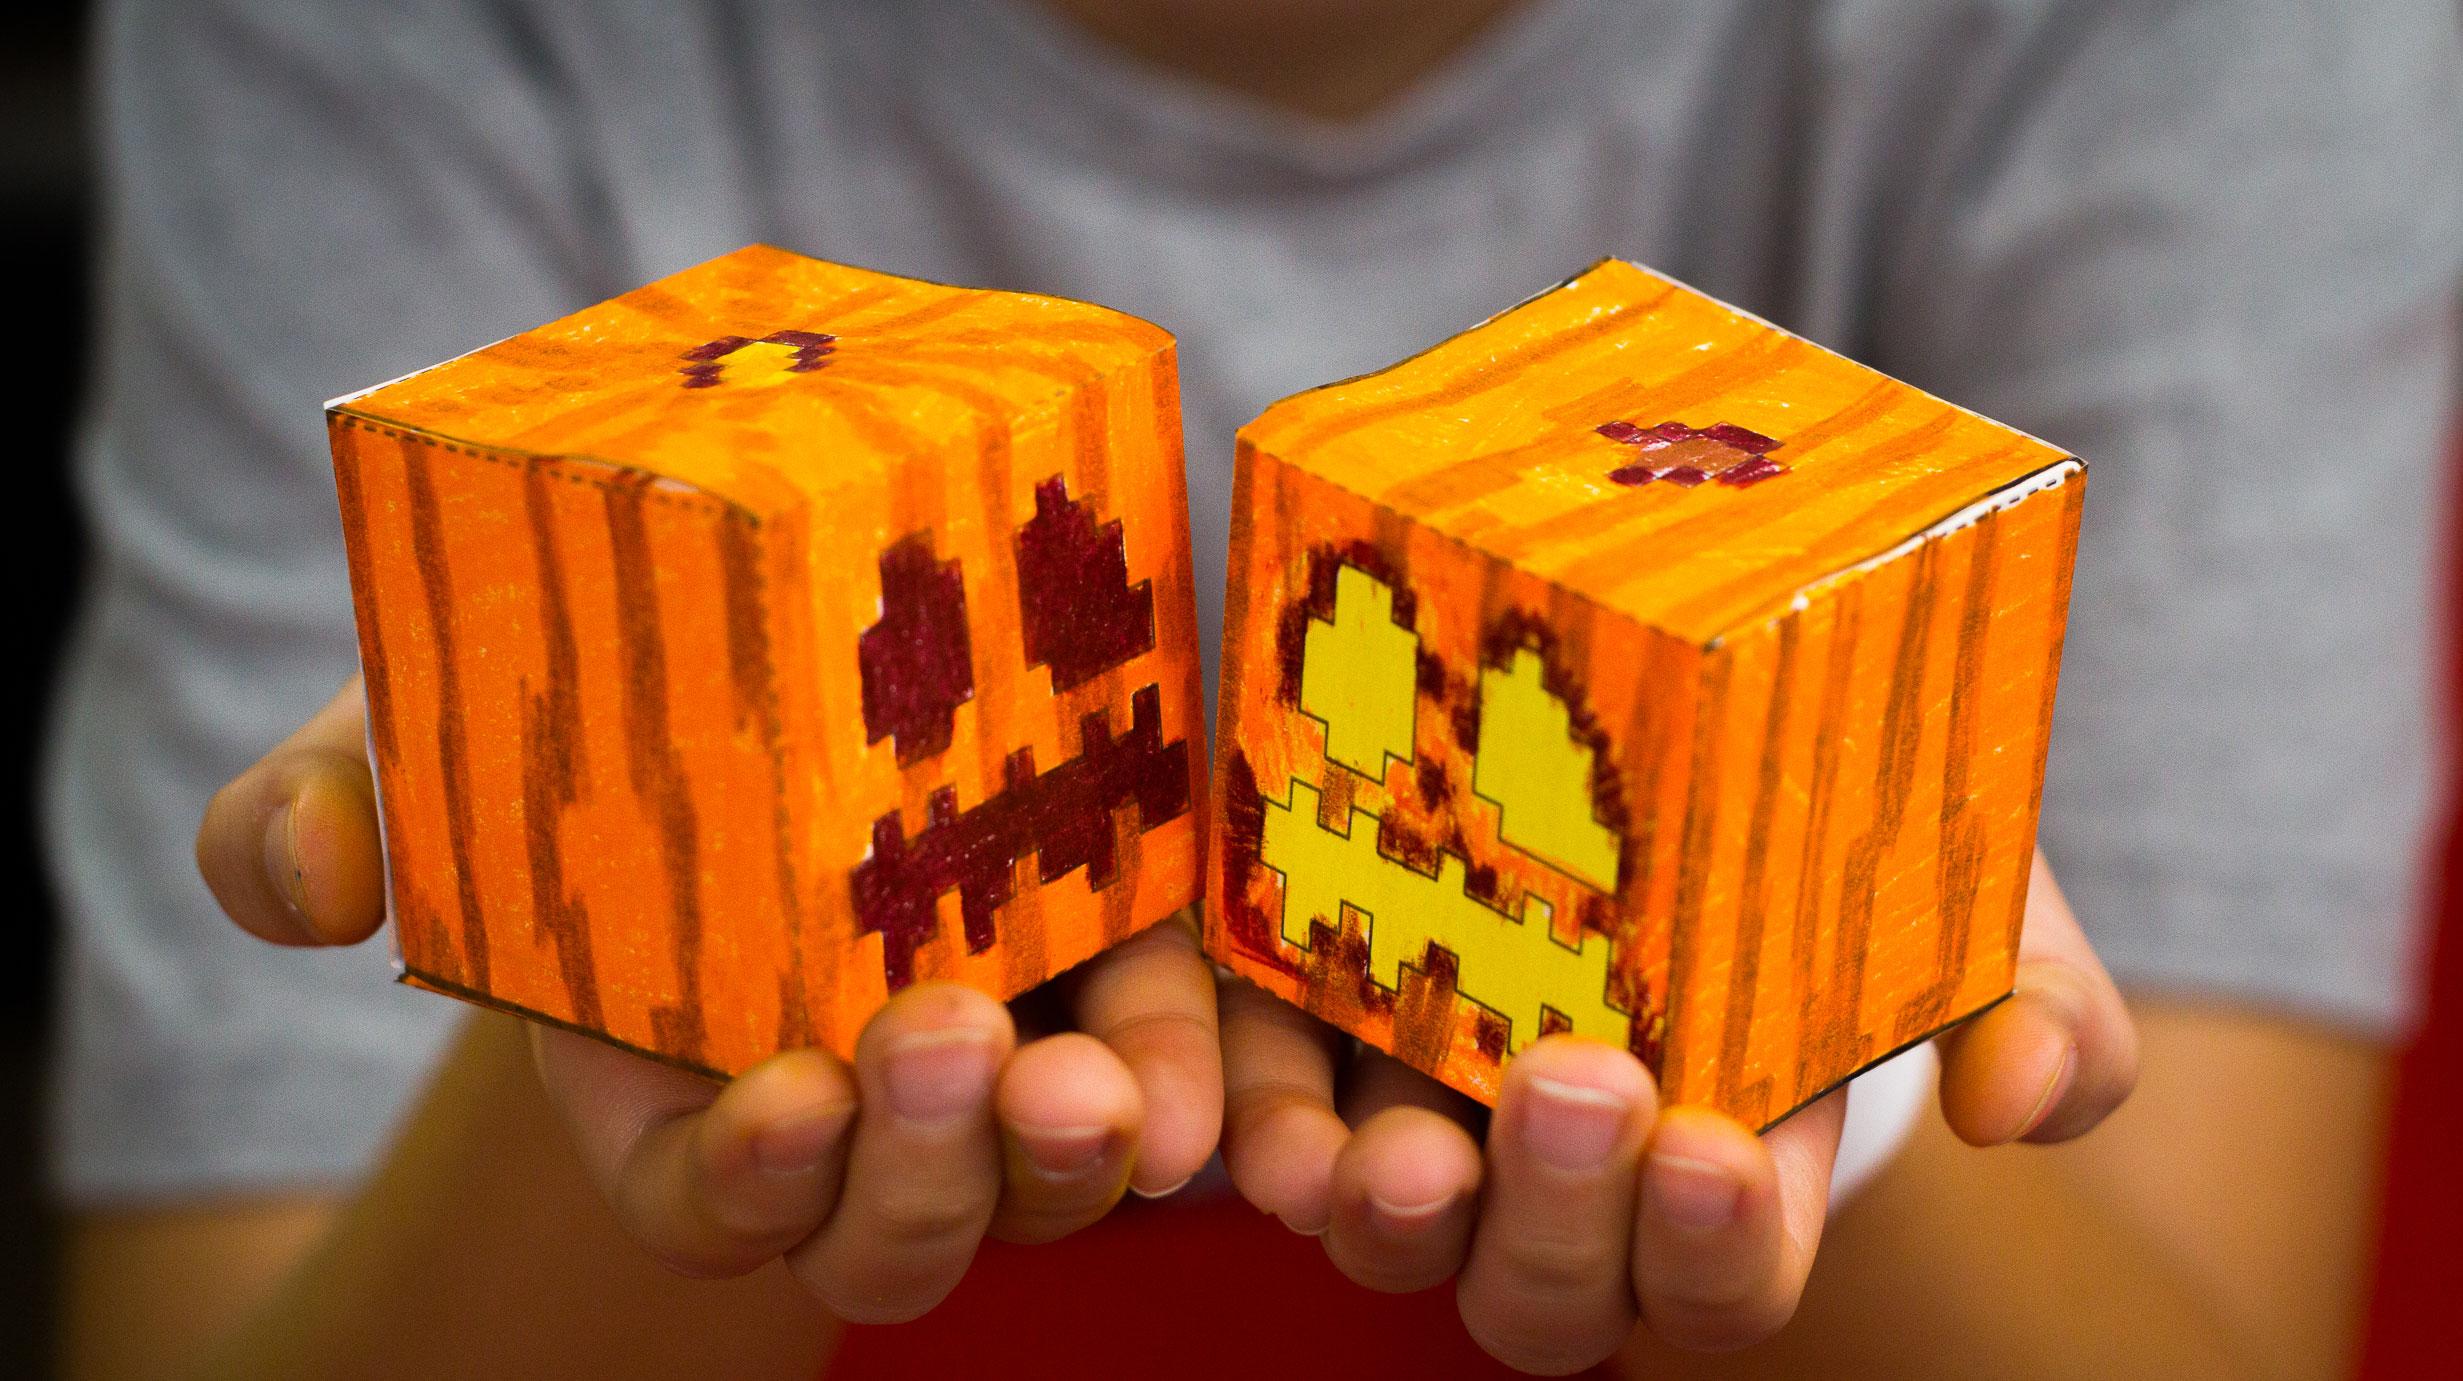 How To Make A Minecraft Pumpkin Cutout